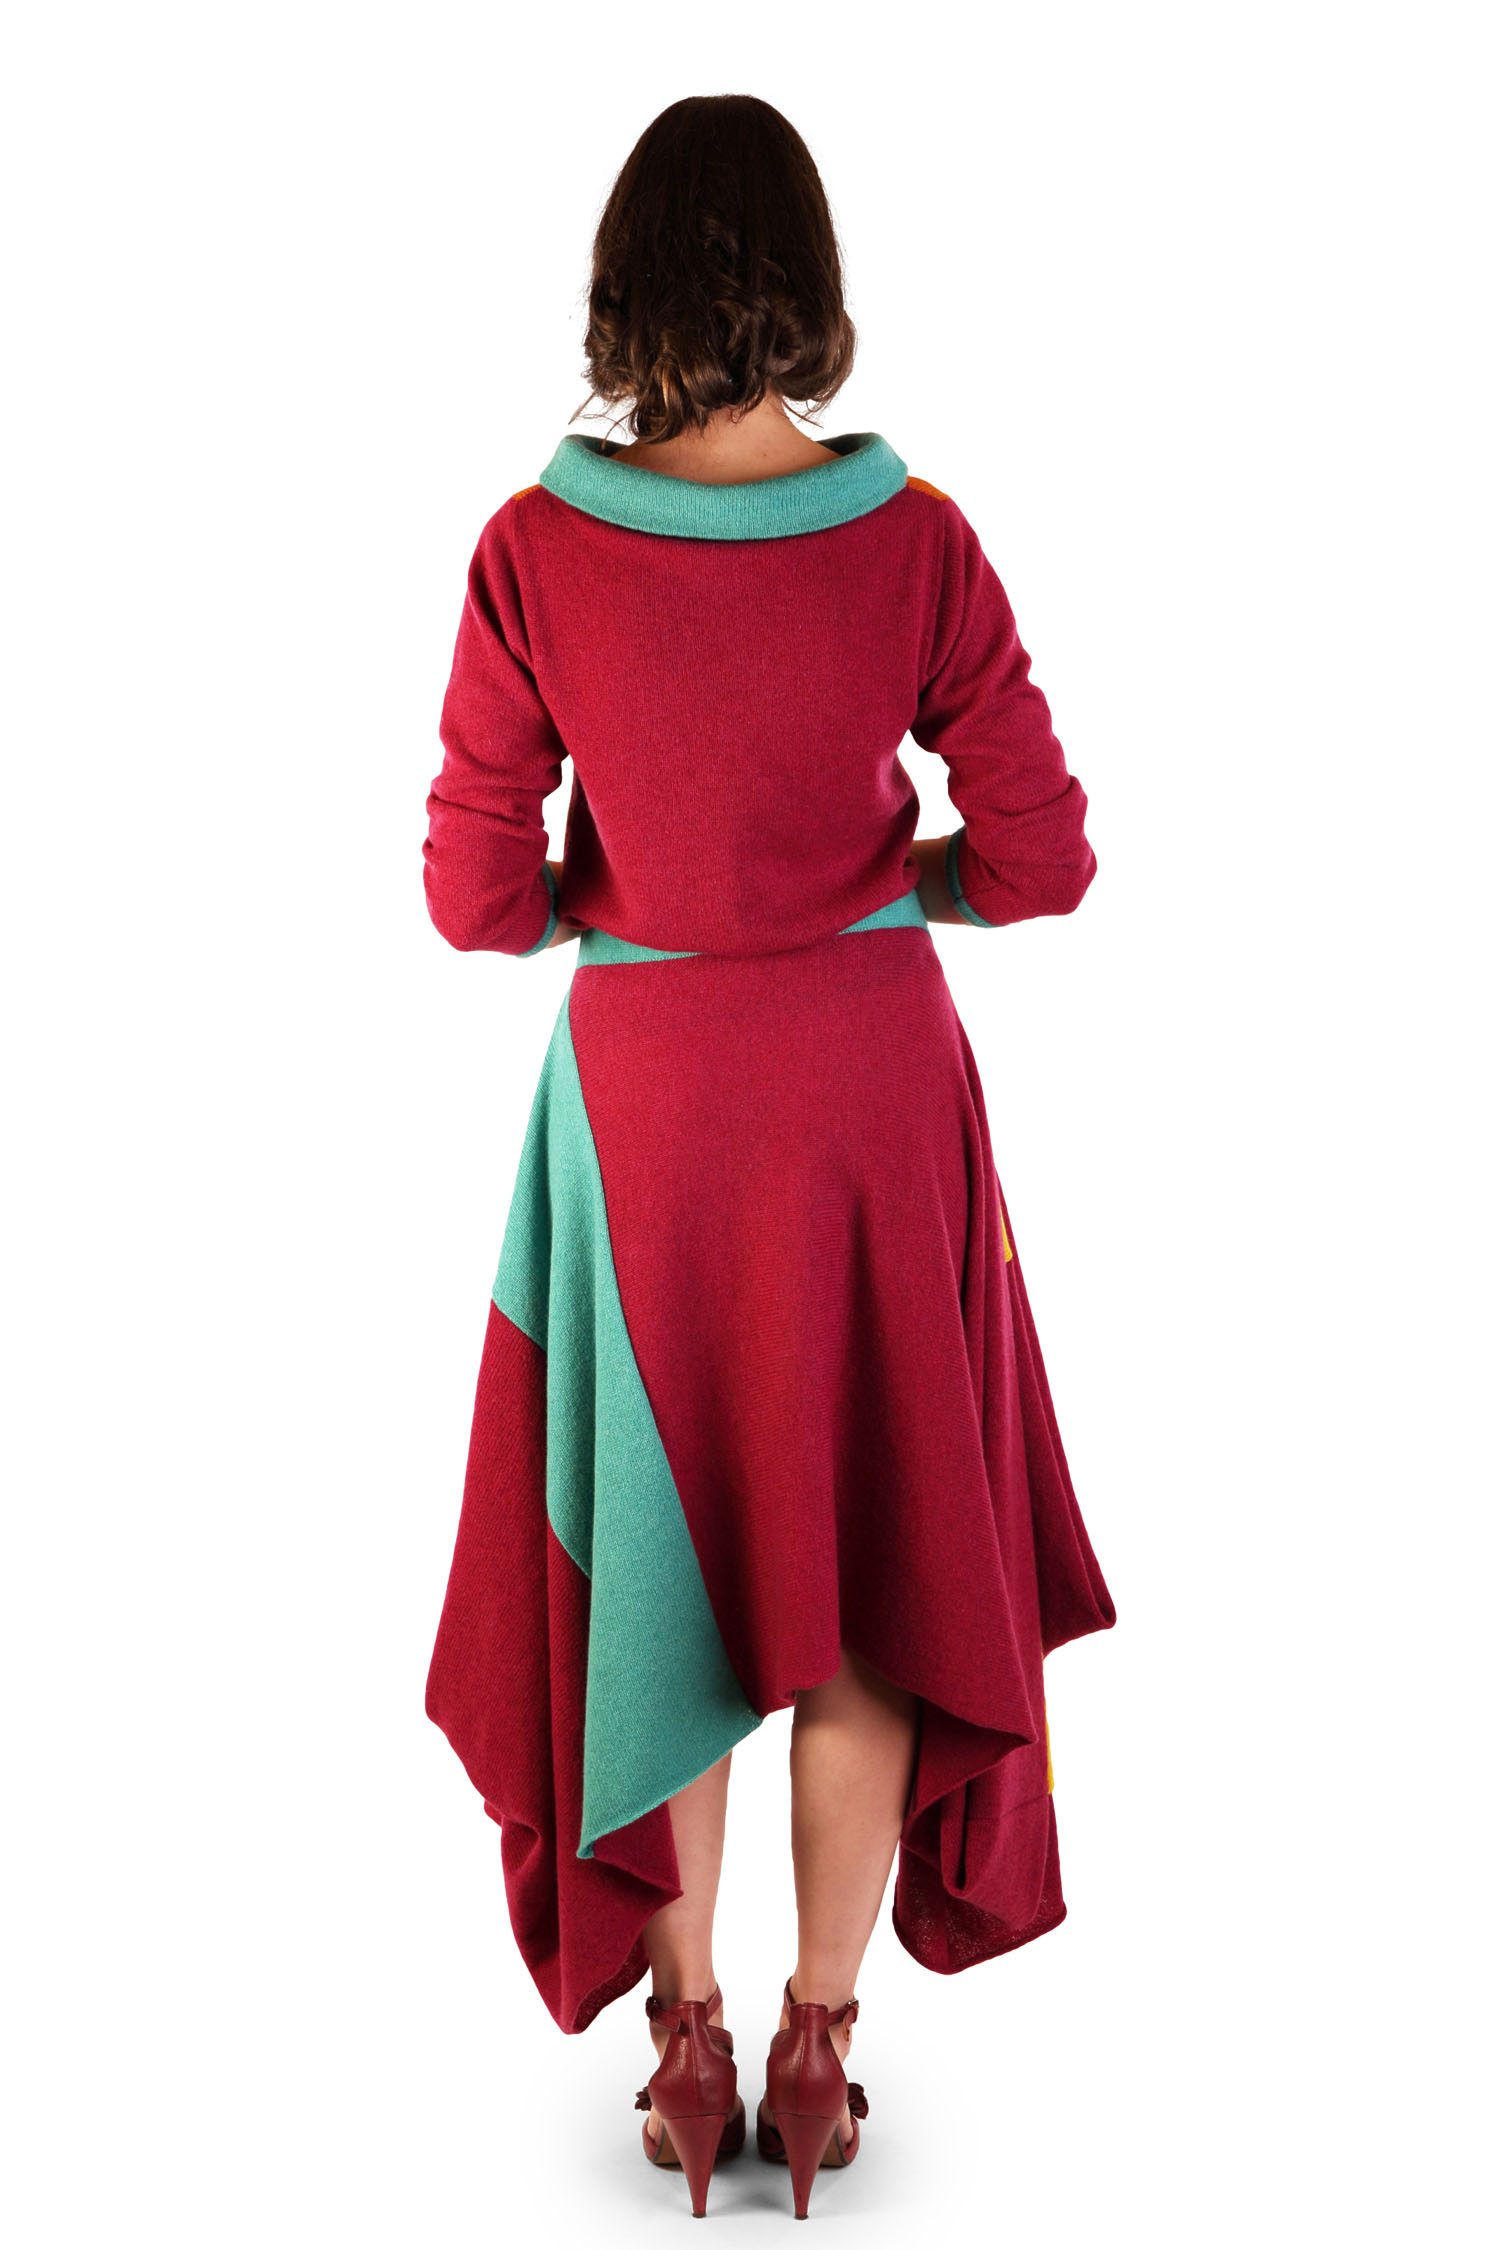 Origami skirt Autumn3